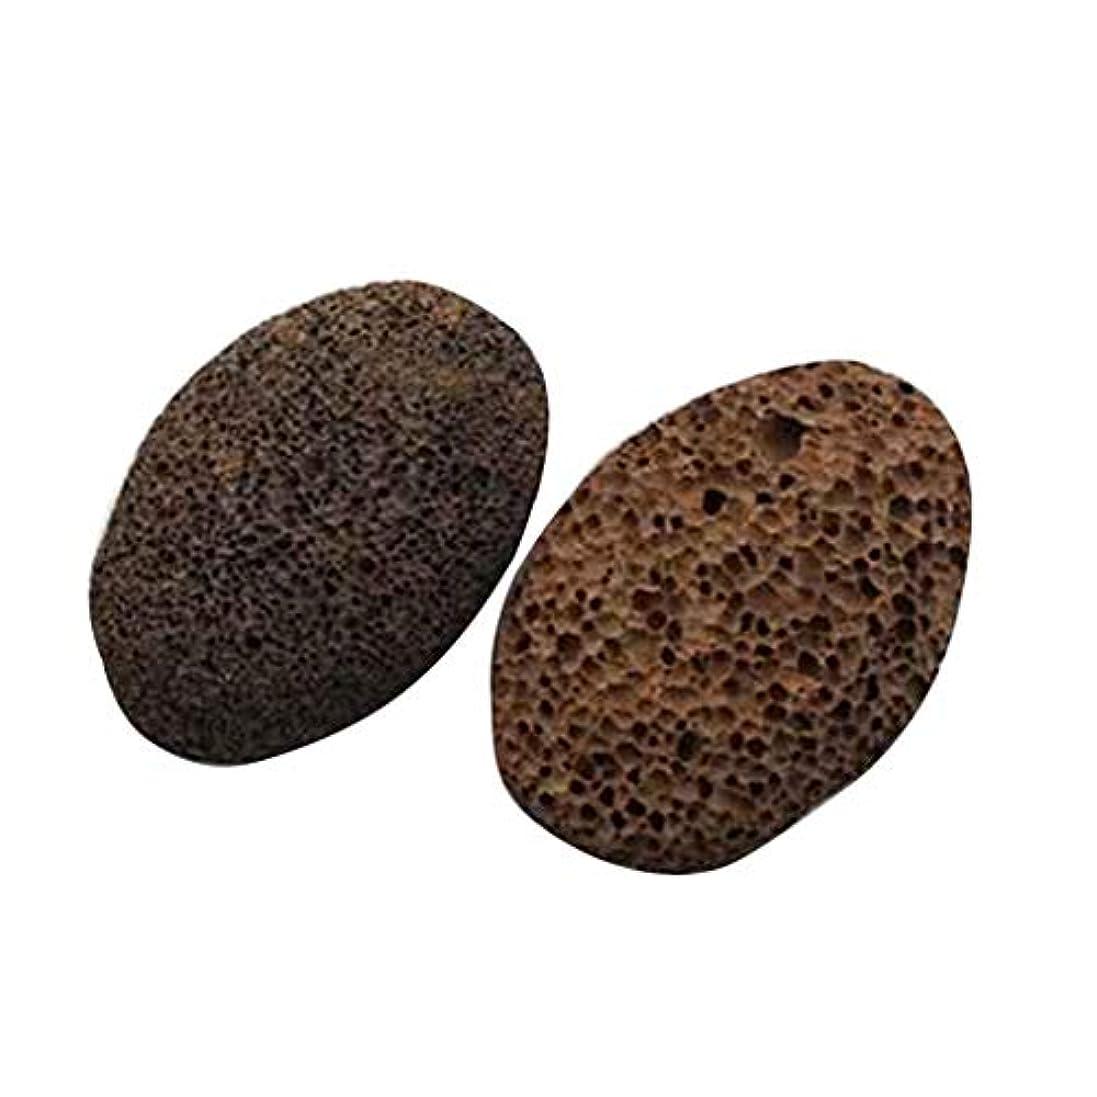 民間運命アリスNerhaily 死んだ皮軽石を取り除き 足石を挽いて 自然の火山石を剥がします 足マッサージ石 ワイプ足石 2個セット